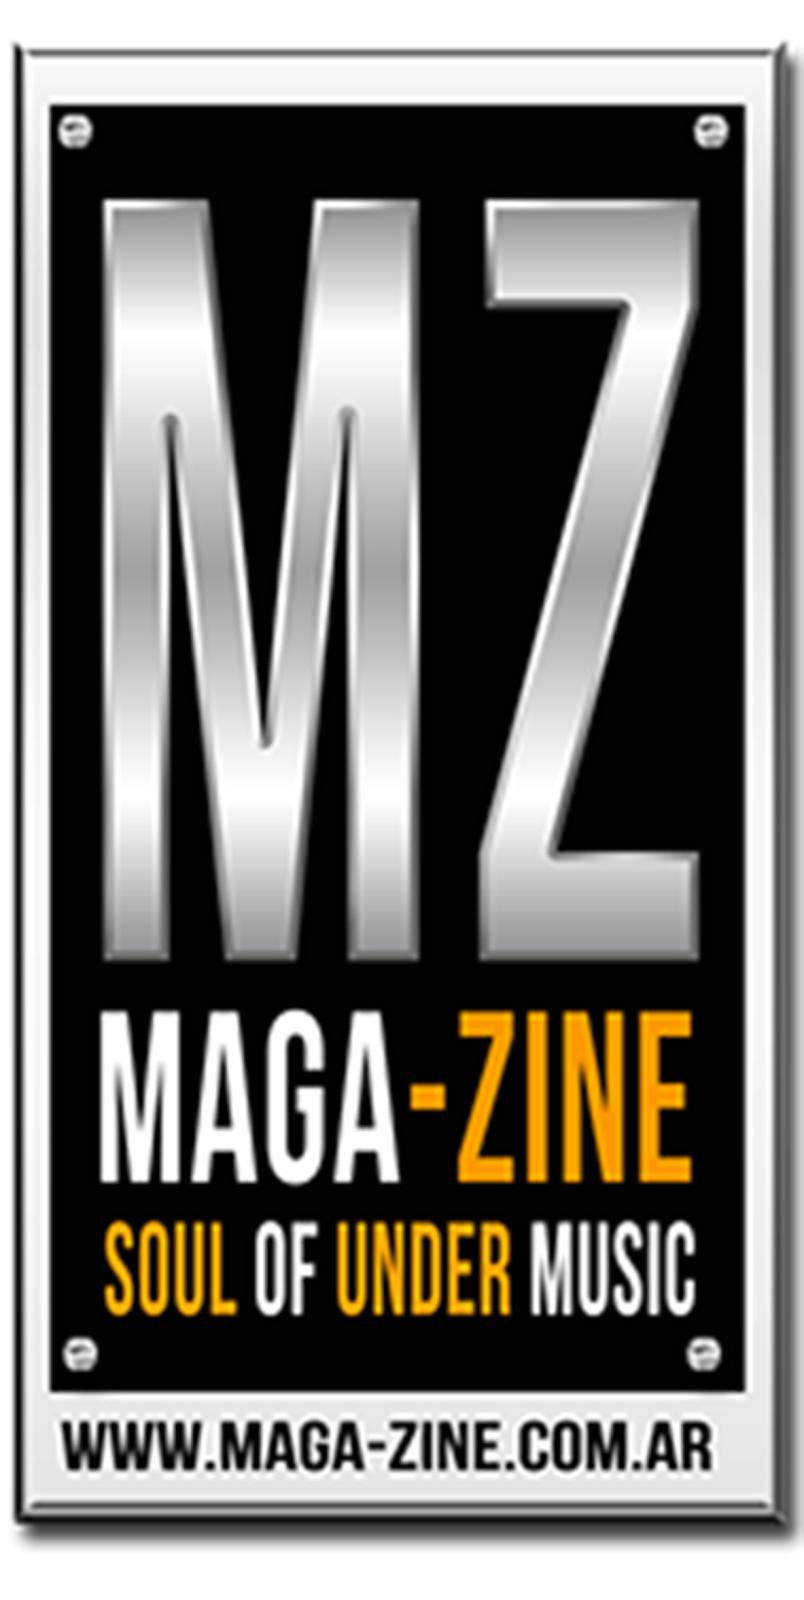 MAGA-ZINE